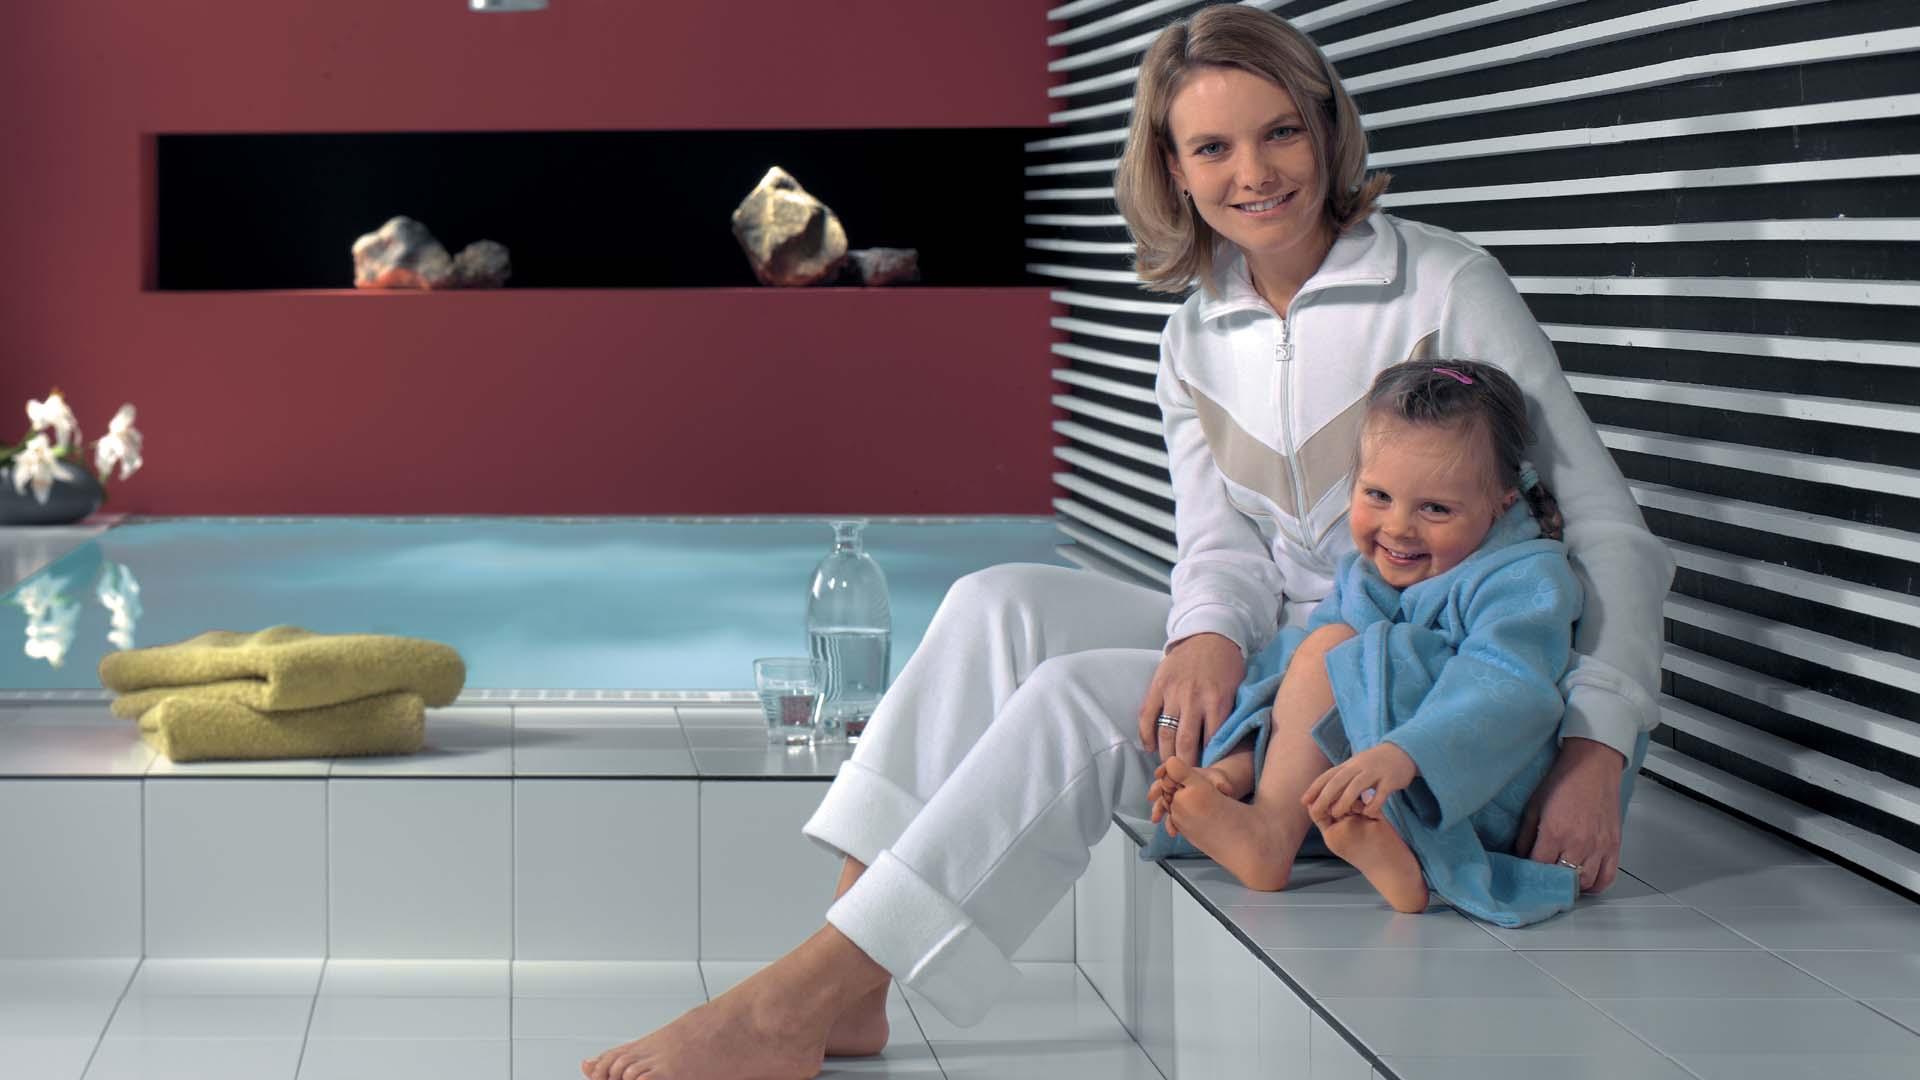 Lämmin lattia on mukava ja kosteat tilat kuivuvat paremmin, kun lattialämmitys on käytössä.